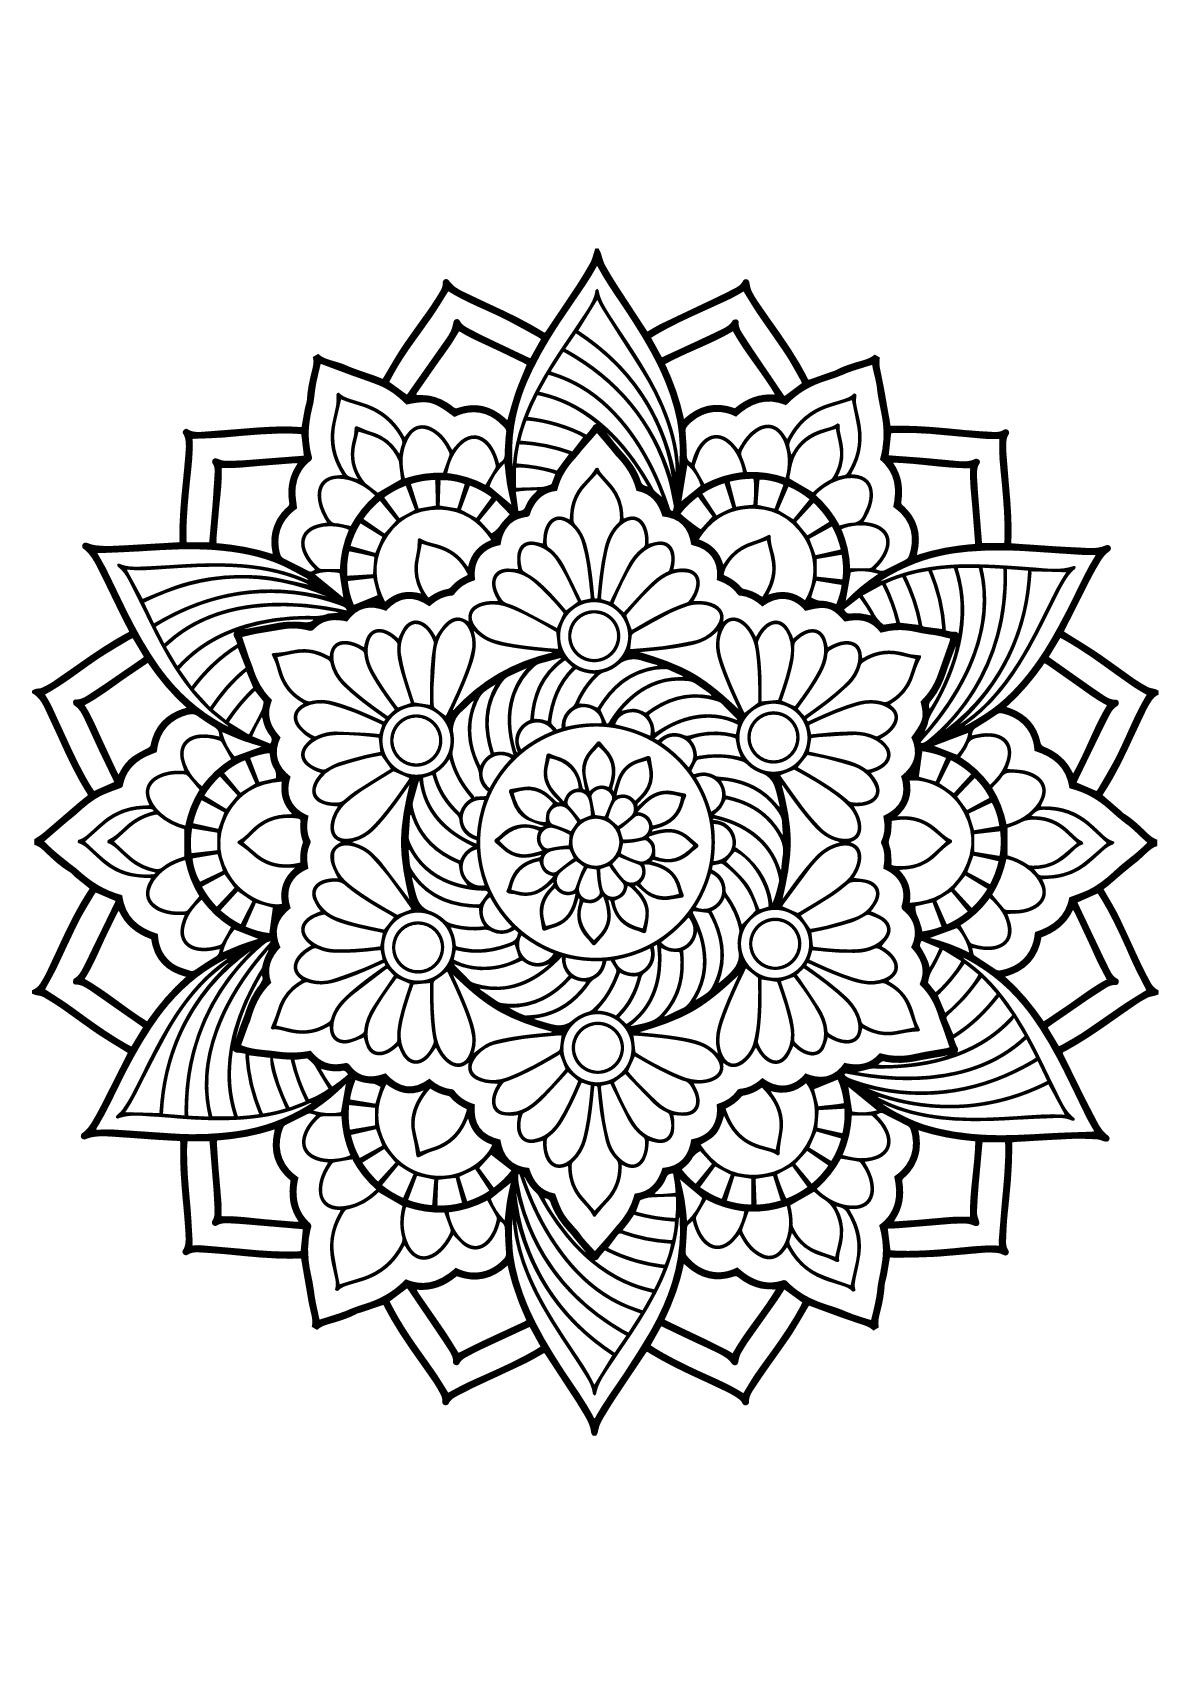 Mandala tiré d'un Livre de Coloriages pour adultes gratuit